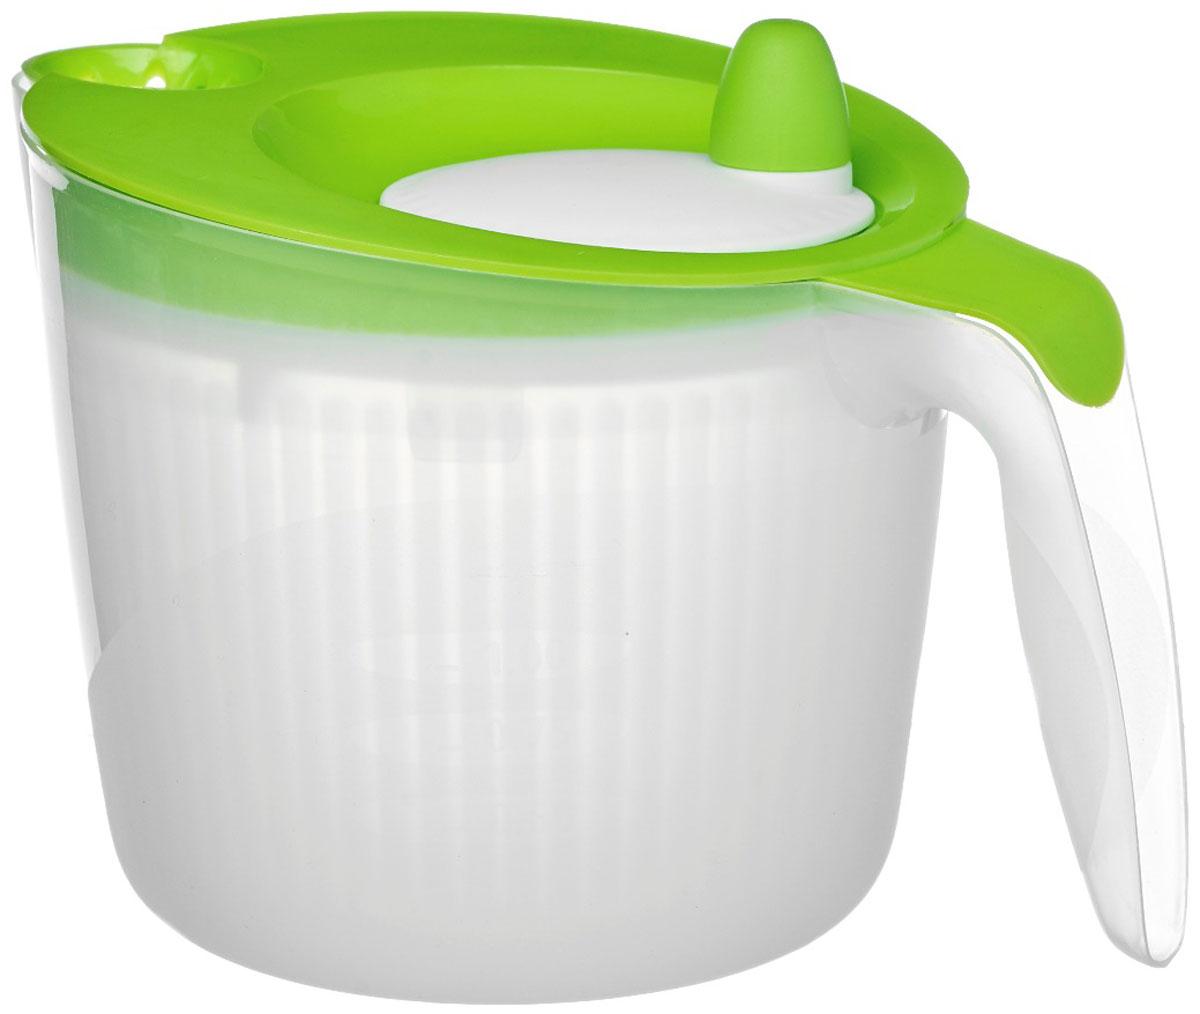 Сушилка для салата Walmer Rainbow, цвет: салатовый, 1,8 лПЦ2323ЗЛПРСушилка для салата Walmer Rainbow - незаменимая вещь на кухне. Обсушивать в ней можно, конечно же, не только салат, но любую зелень: петрушку, укроп, перья лука, рукколу. Объем сушилки - 1,8 литра, а значит, вы сможете высушить за раз большой пучок зелени. Внутри сушилки находится вращающаяся сетчатая емкость. На крышке - ручка, которая эту емкость раскручивает. Положите зелень в сушилку, закройте крышку и прокрутите несколько раз ручку. Центрифуга внутри раскрутится и буквально стряхнет всю влагу с зелени.Сушилка для салата Walmer Rainbow непременно понравится каждой хозяйке.